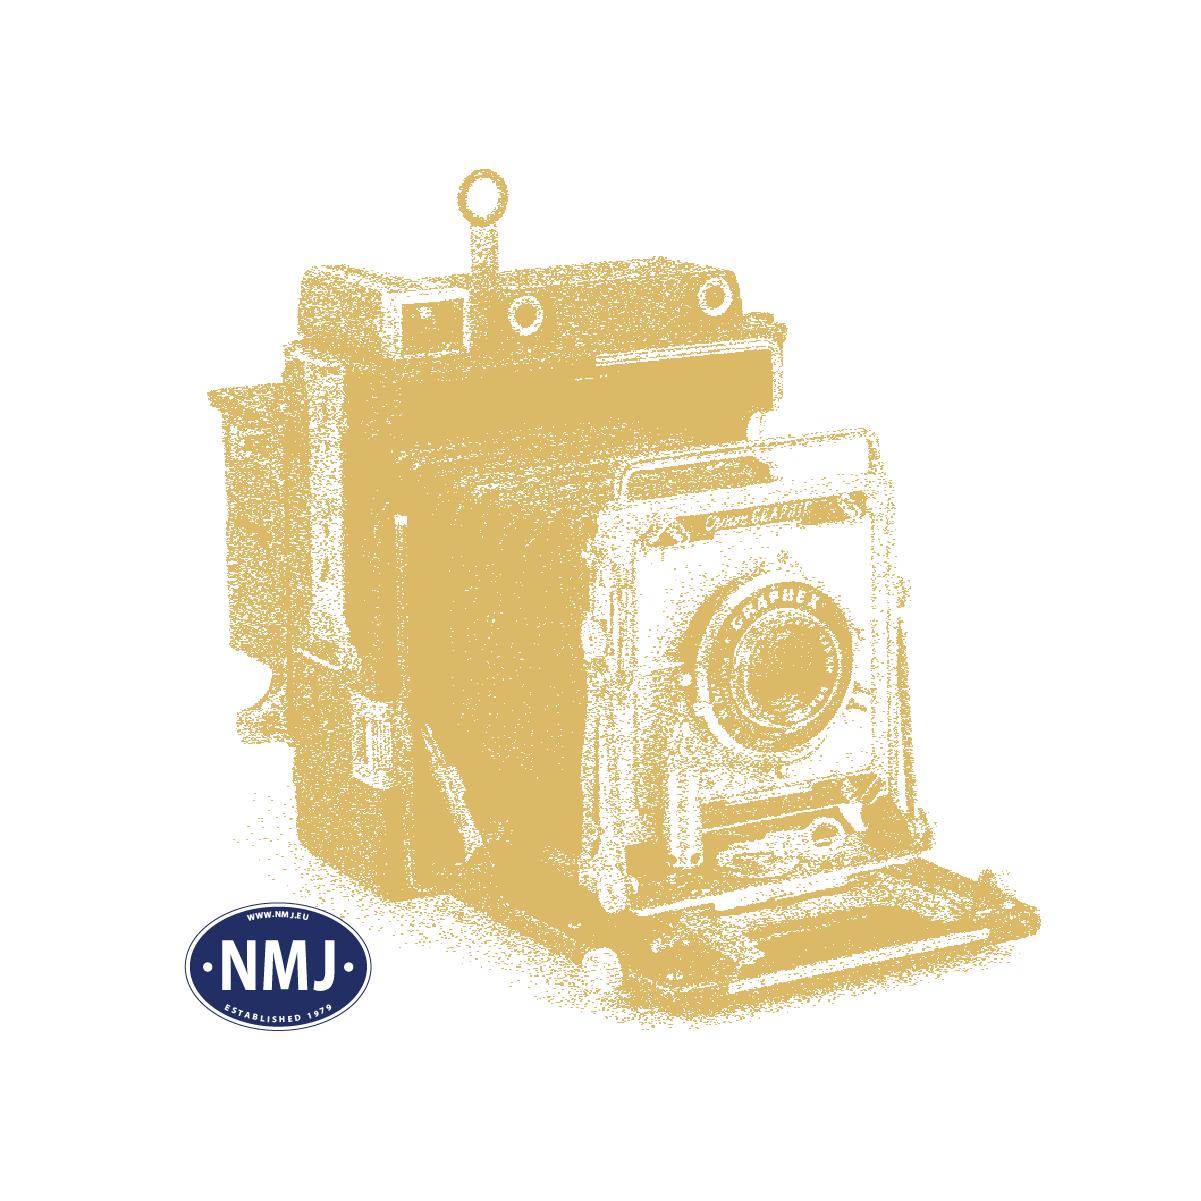 MBR51-4104 - Pine Sommer, 6-10 cm ,N